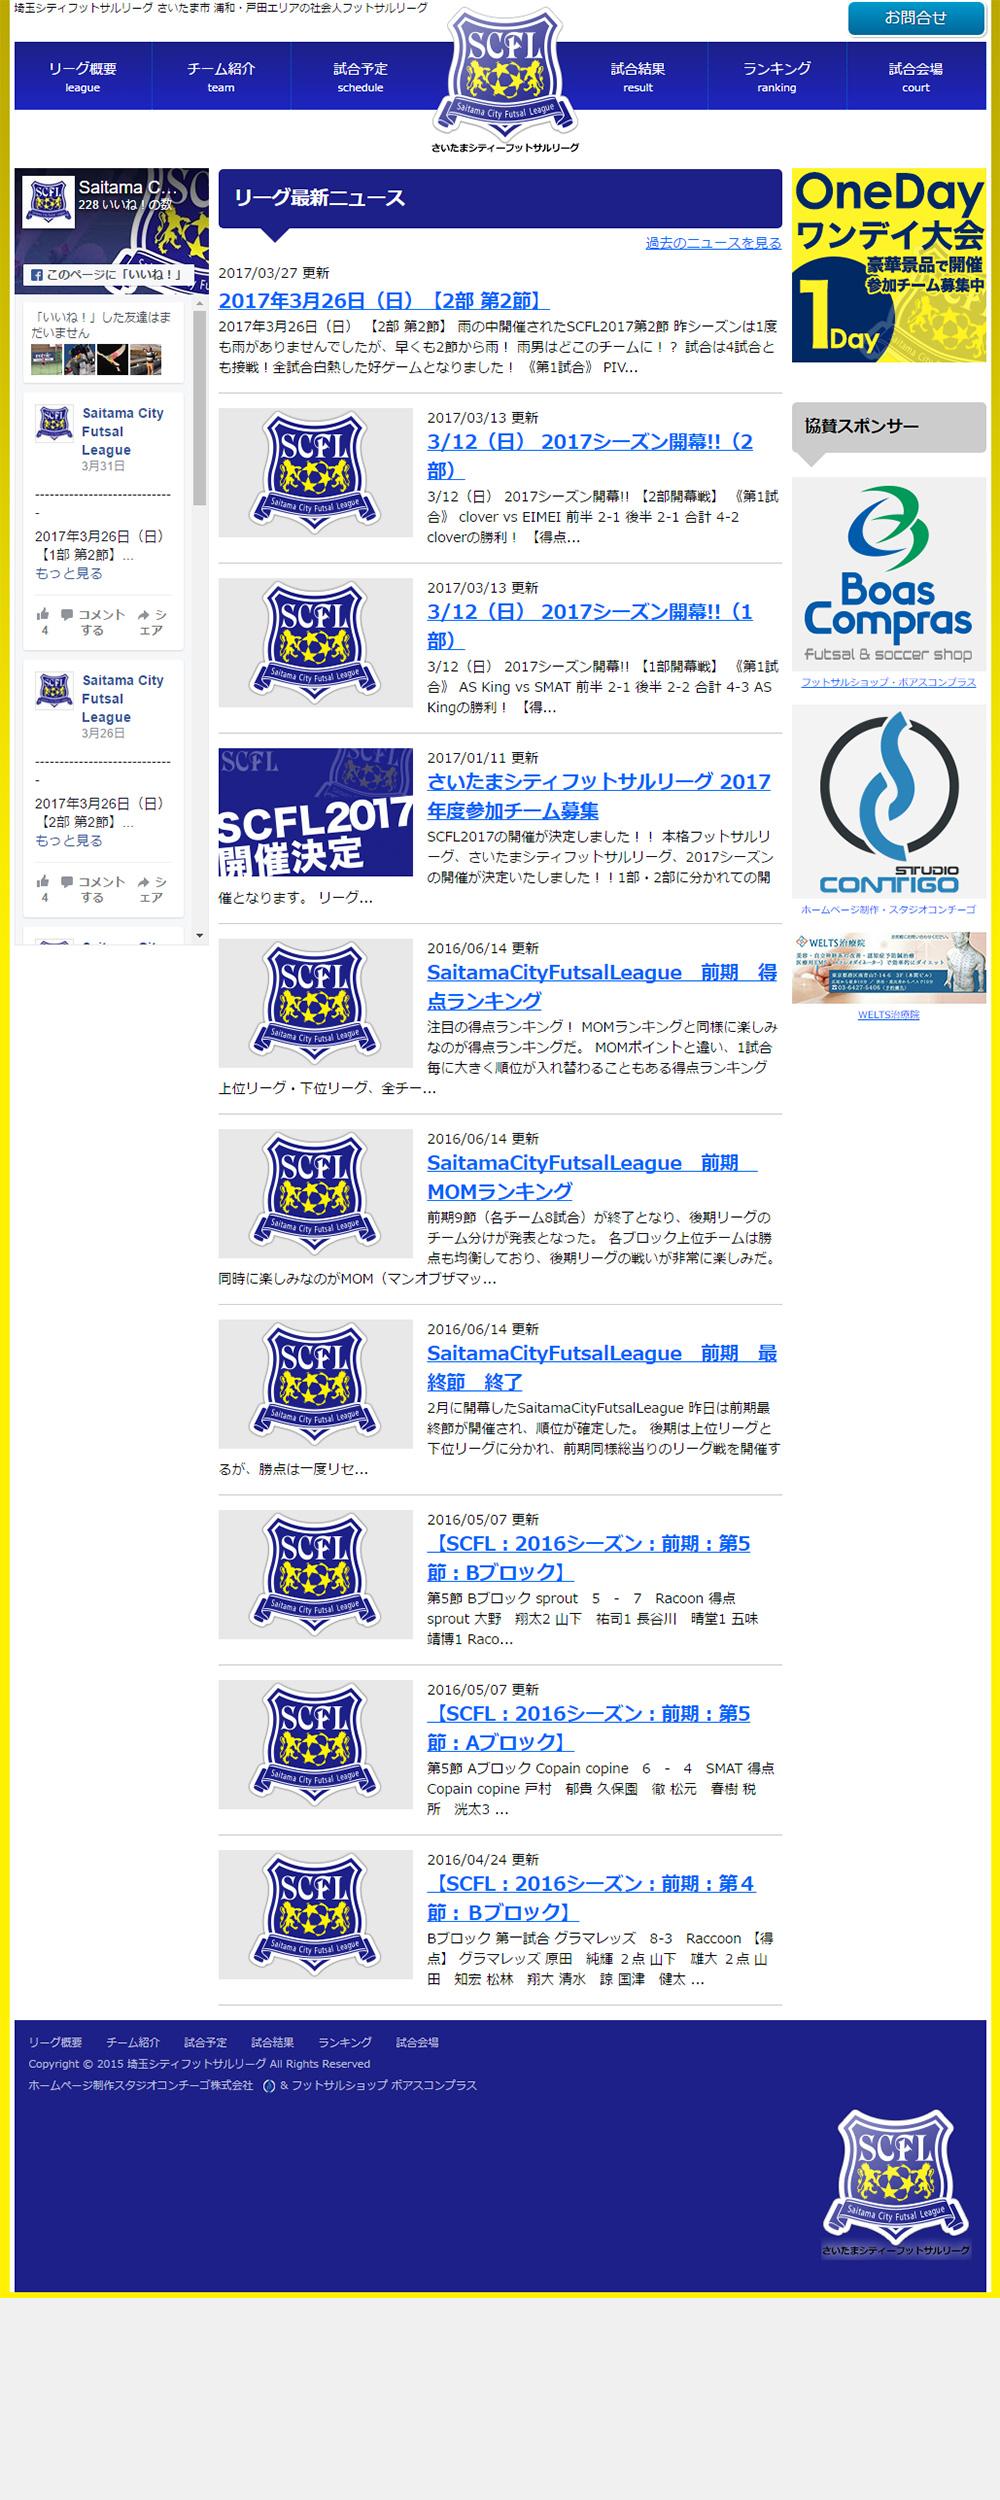 埼玉シティフットサルリーグ